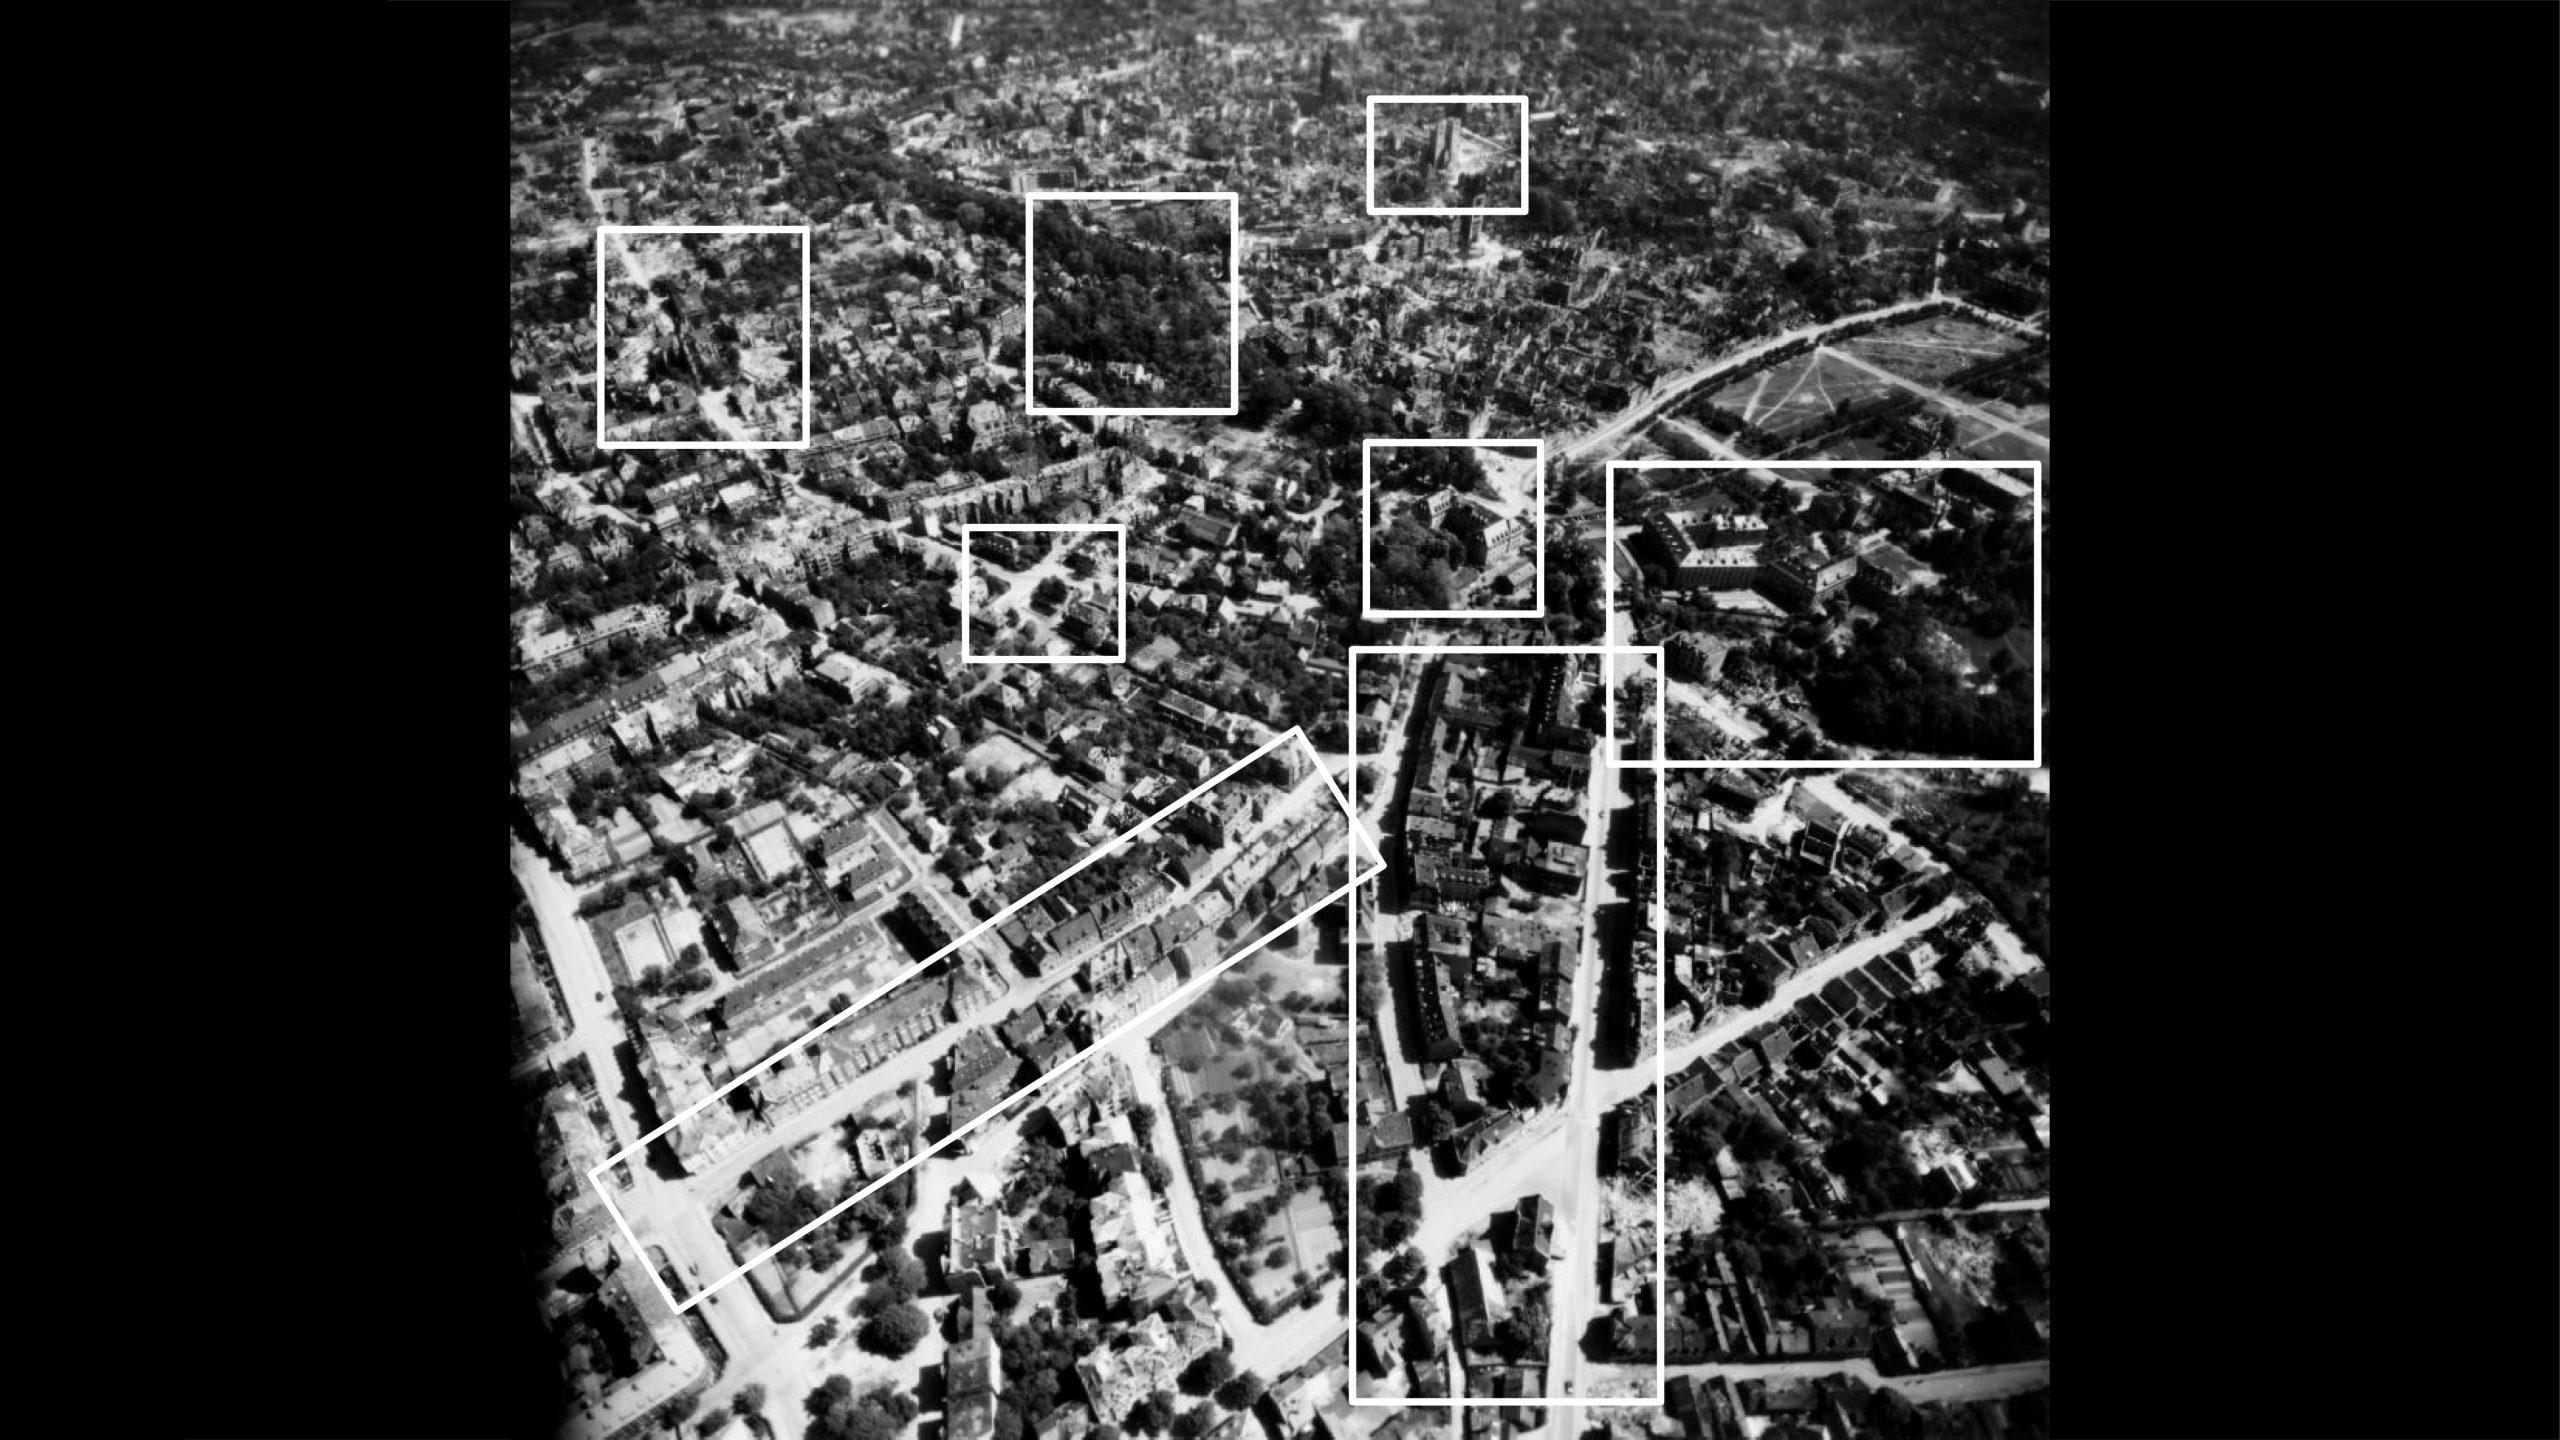 Stadtmuseum Münster: Ausstellung Münster 1945 - Die Steinfurter Straße und das Kreuzviertel in Richtung Südosten - Foto: Stadtmuseum Münster / Trolley Mission